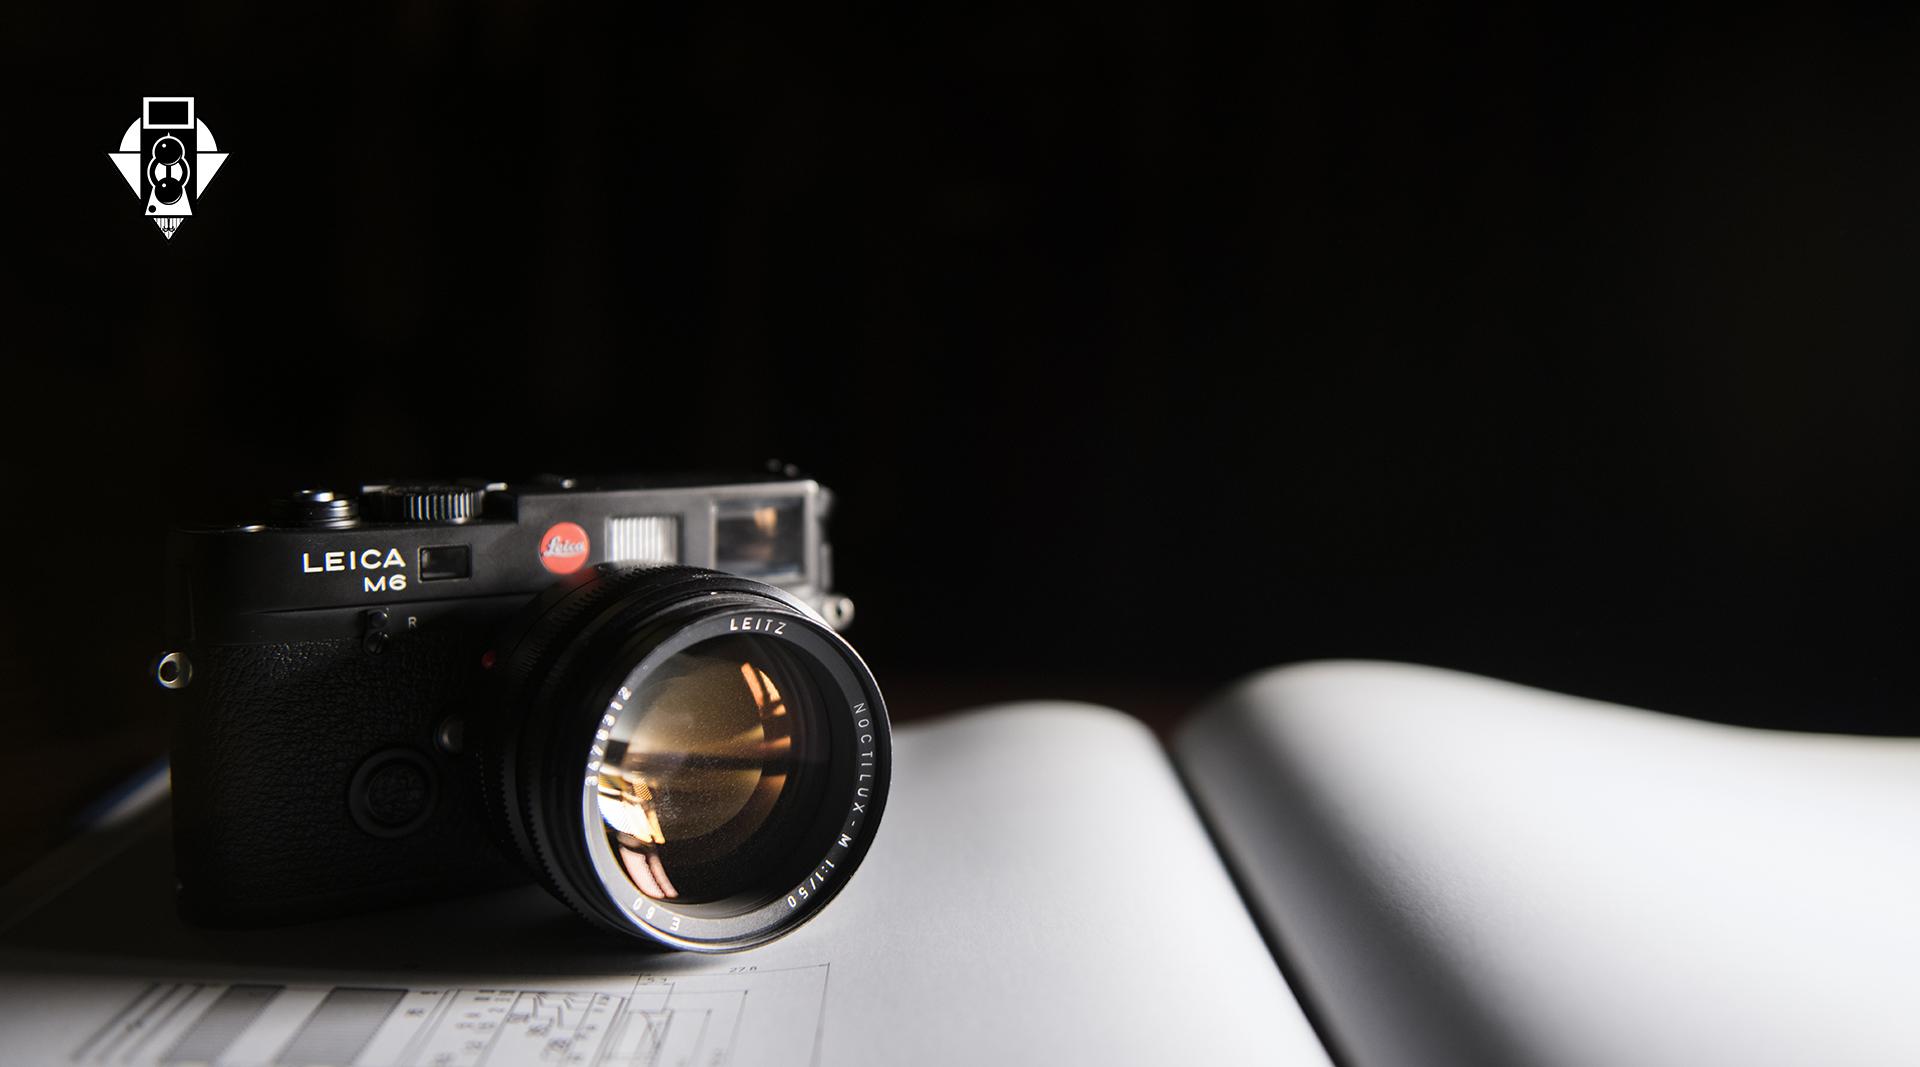 Ночь и свет. Легендарный объектив Leitz Noctilux 50 мм